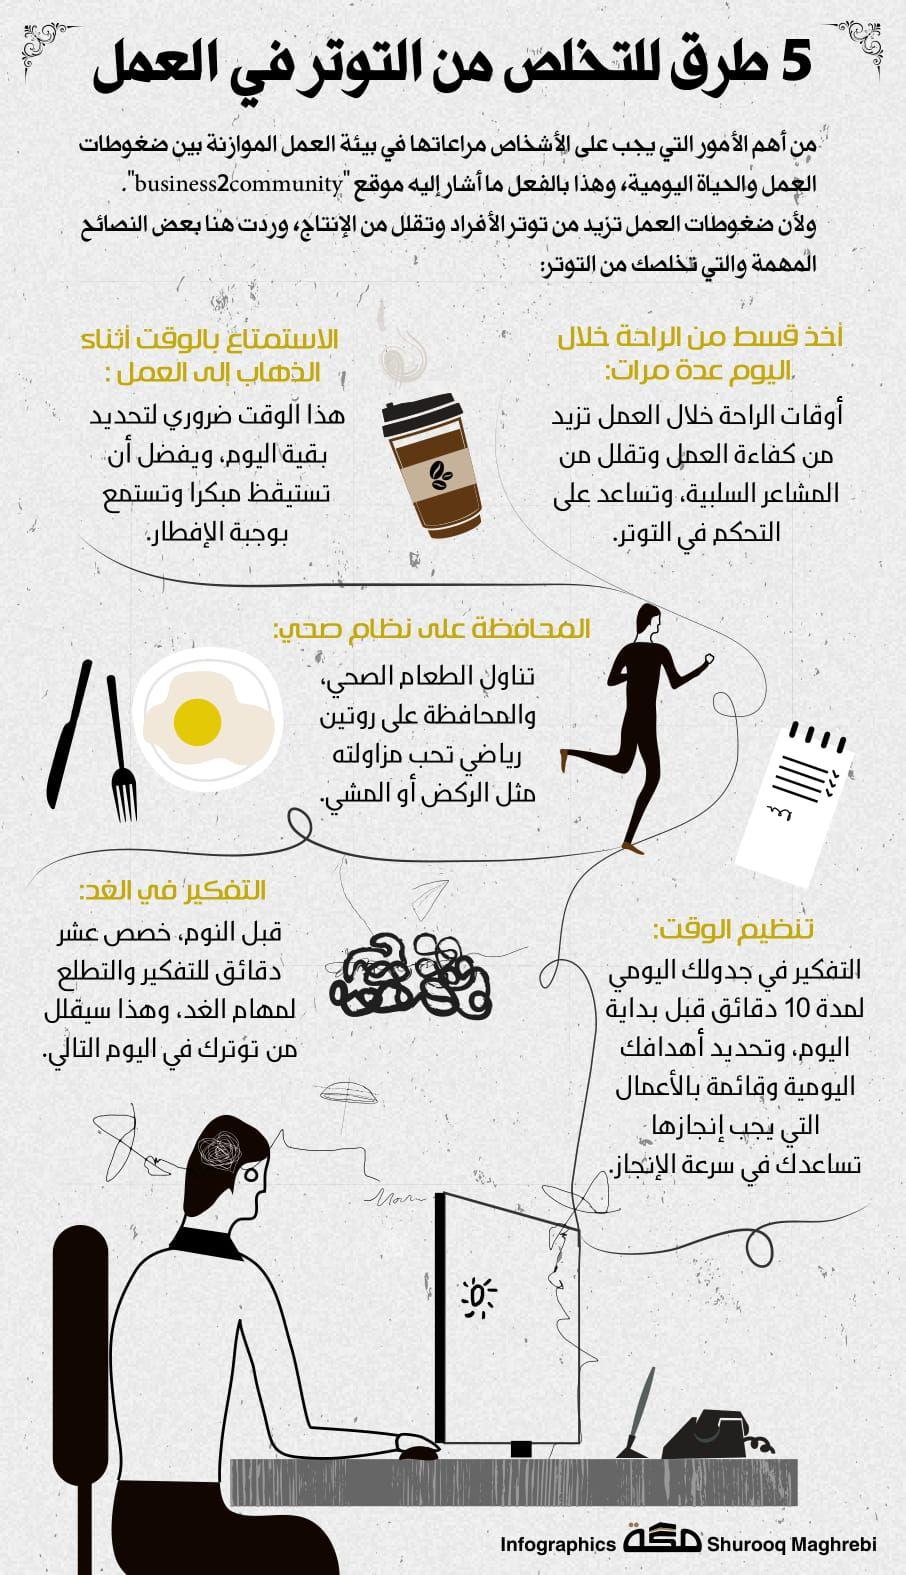 5 طرق للتخلص من التوتر في العمل صحيفة مكة انفوجرافيك توظيف Infographic Graphic Design Life